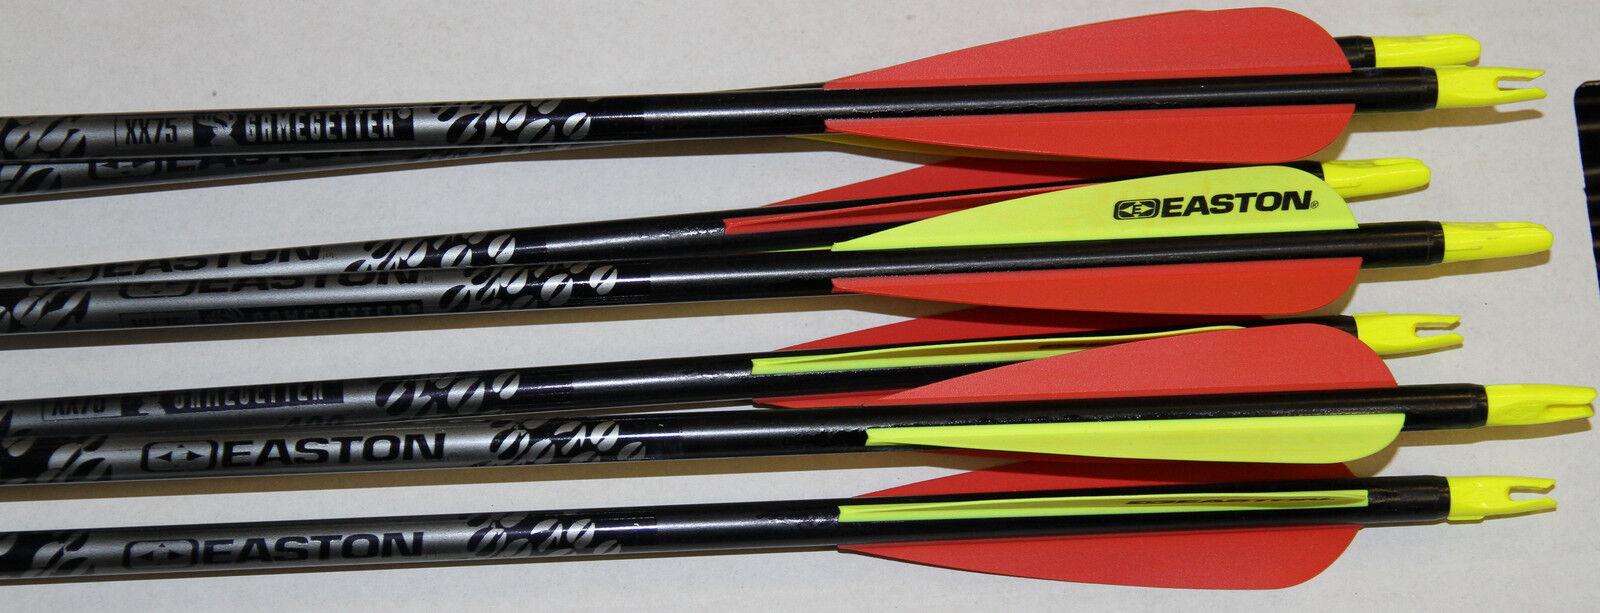 Easton Xx75 Juegogetter 400 Flechas  Con Paletas Y EnCochetes    1 Docena      opciones a bajo precio